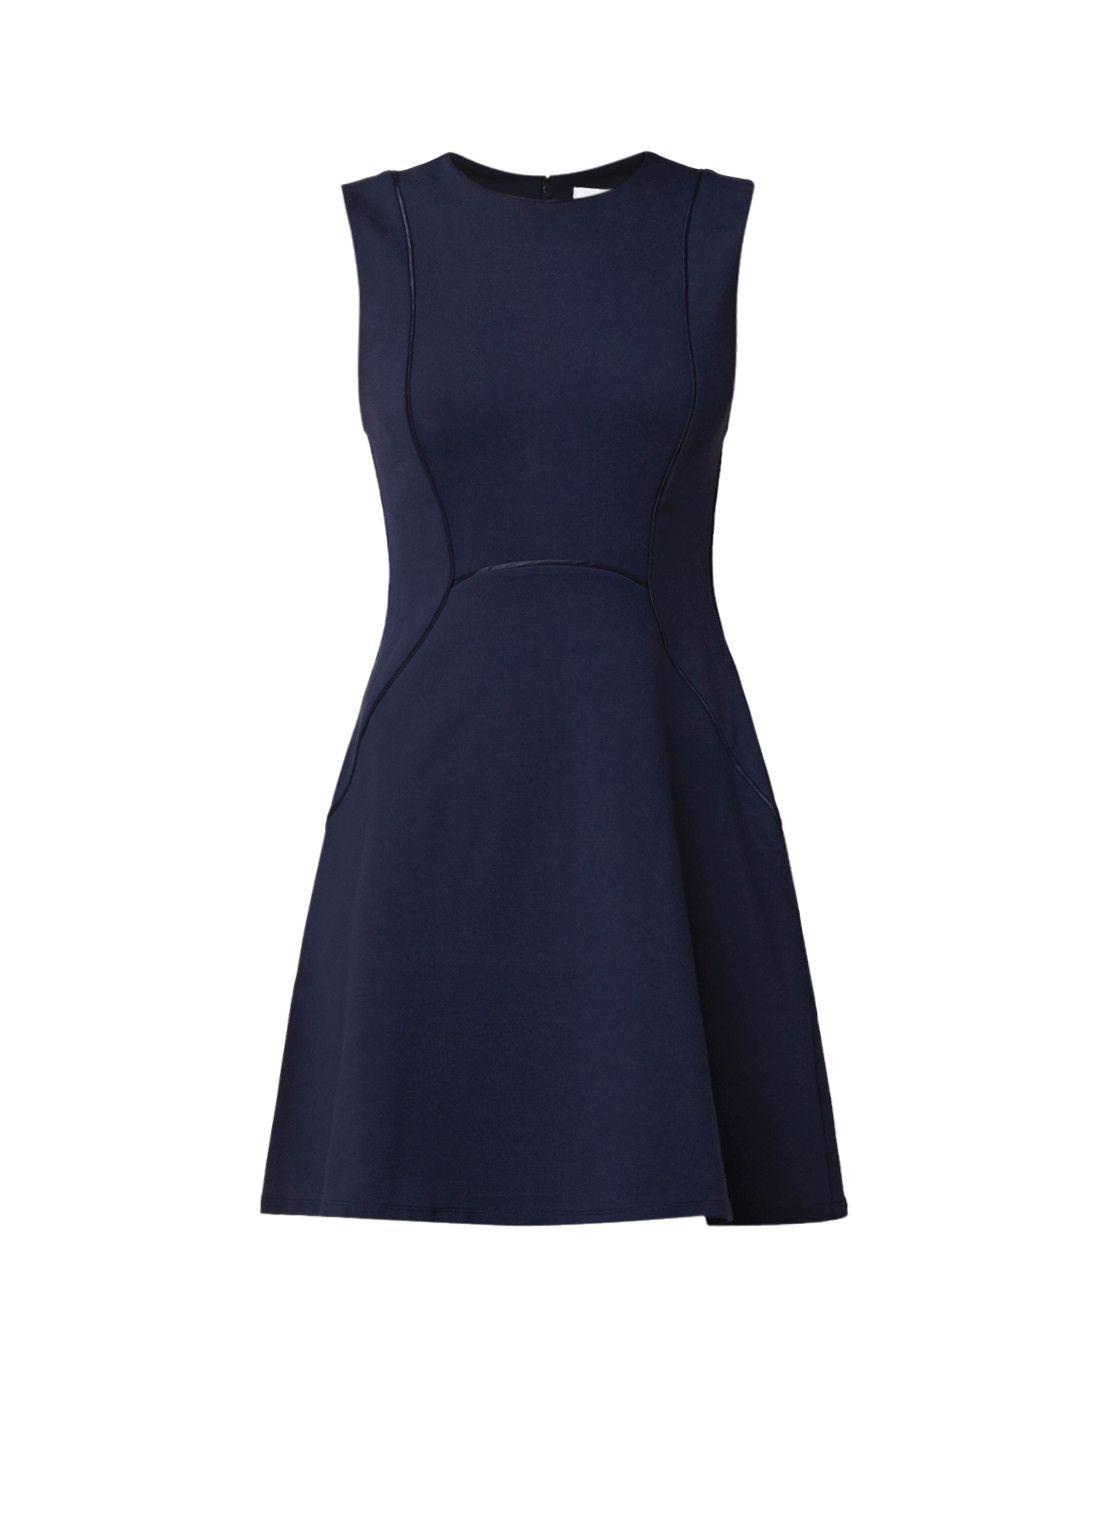 7e12190f78c Reiss Honor A-lijn jurk met siernaden • de Bijenkorf | Jurkjes ...